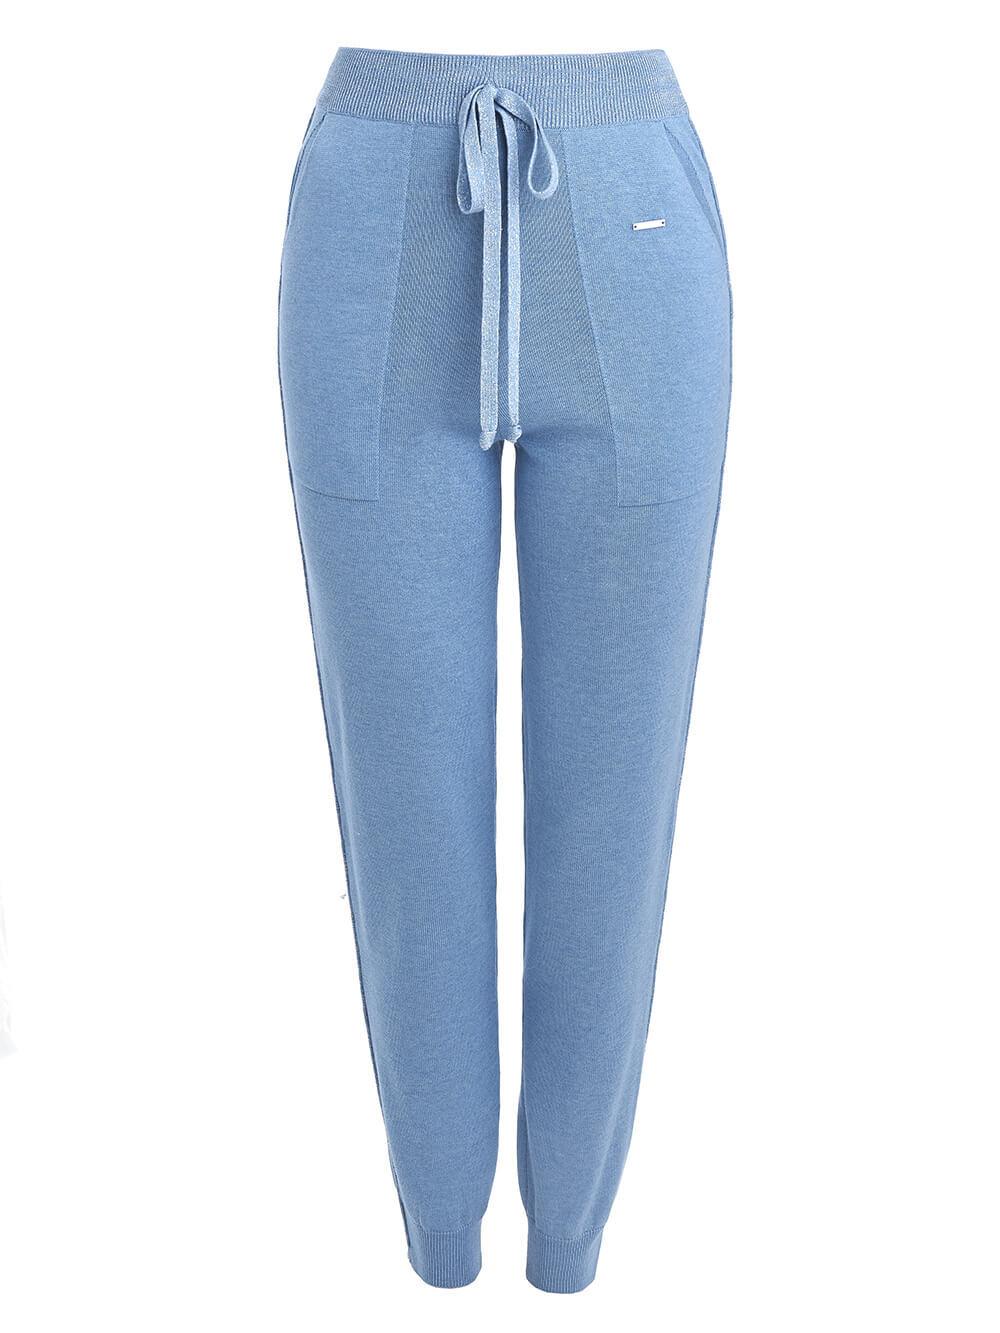 Голубые брюки из шёлка и кашемира спортивного силуэта - фото 1